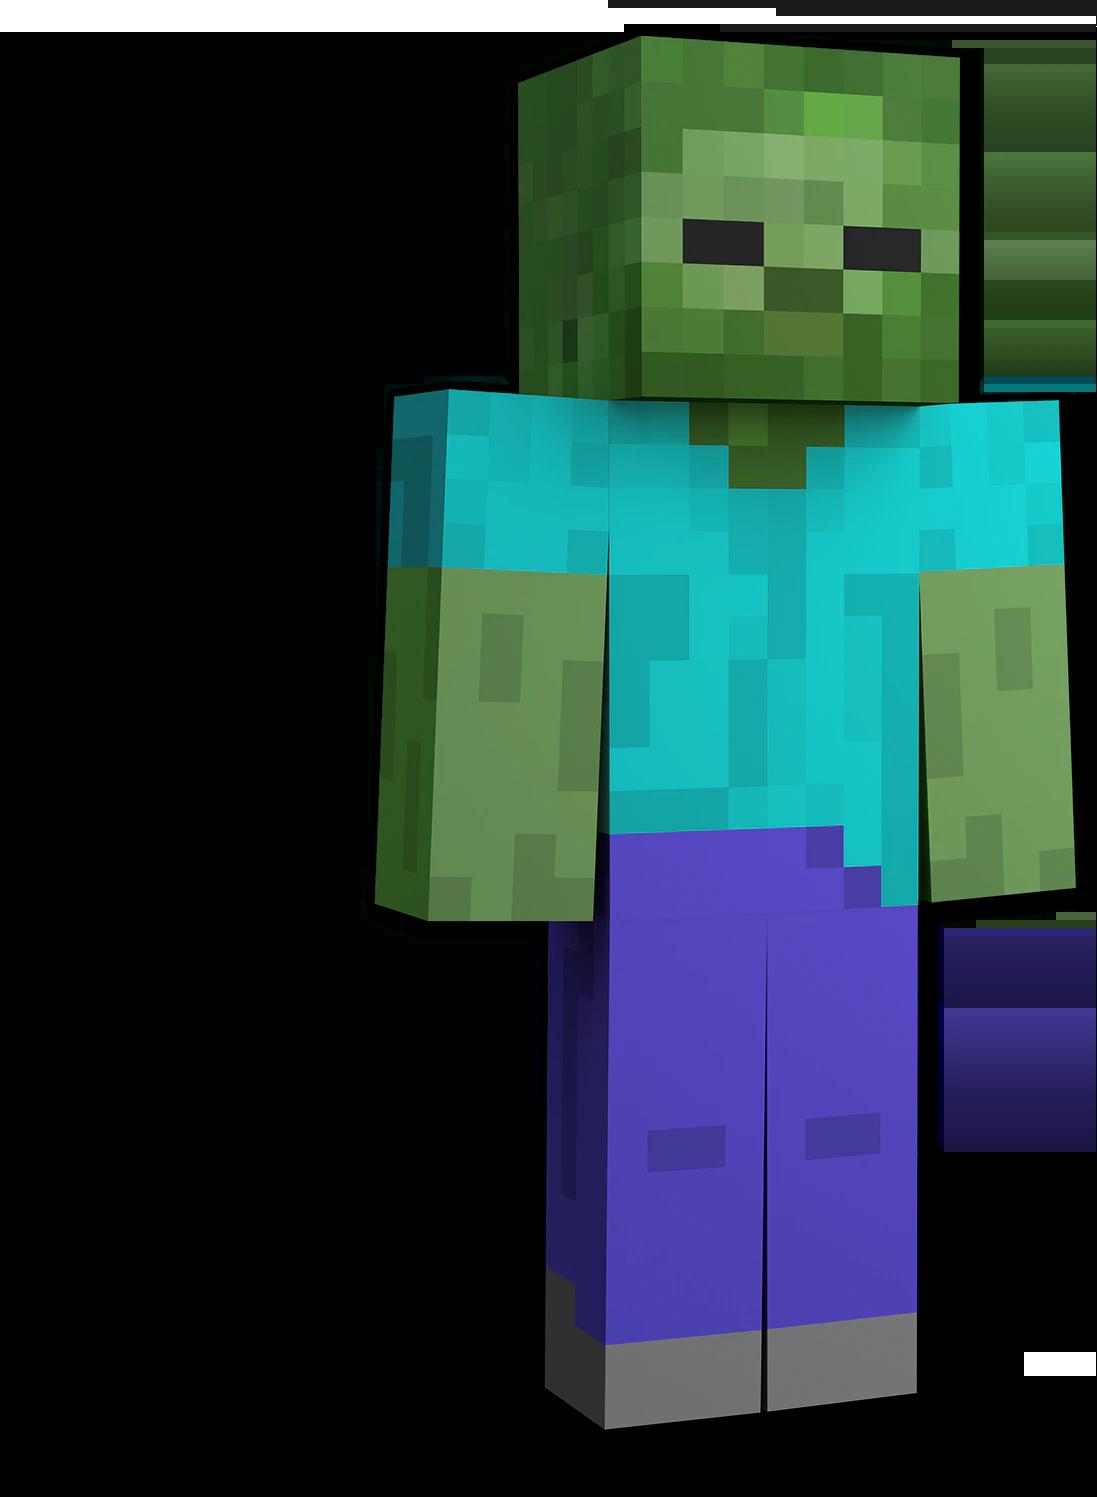 Arquivo:Zombie SSBU.webp - Minecraft Wiki Oficial